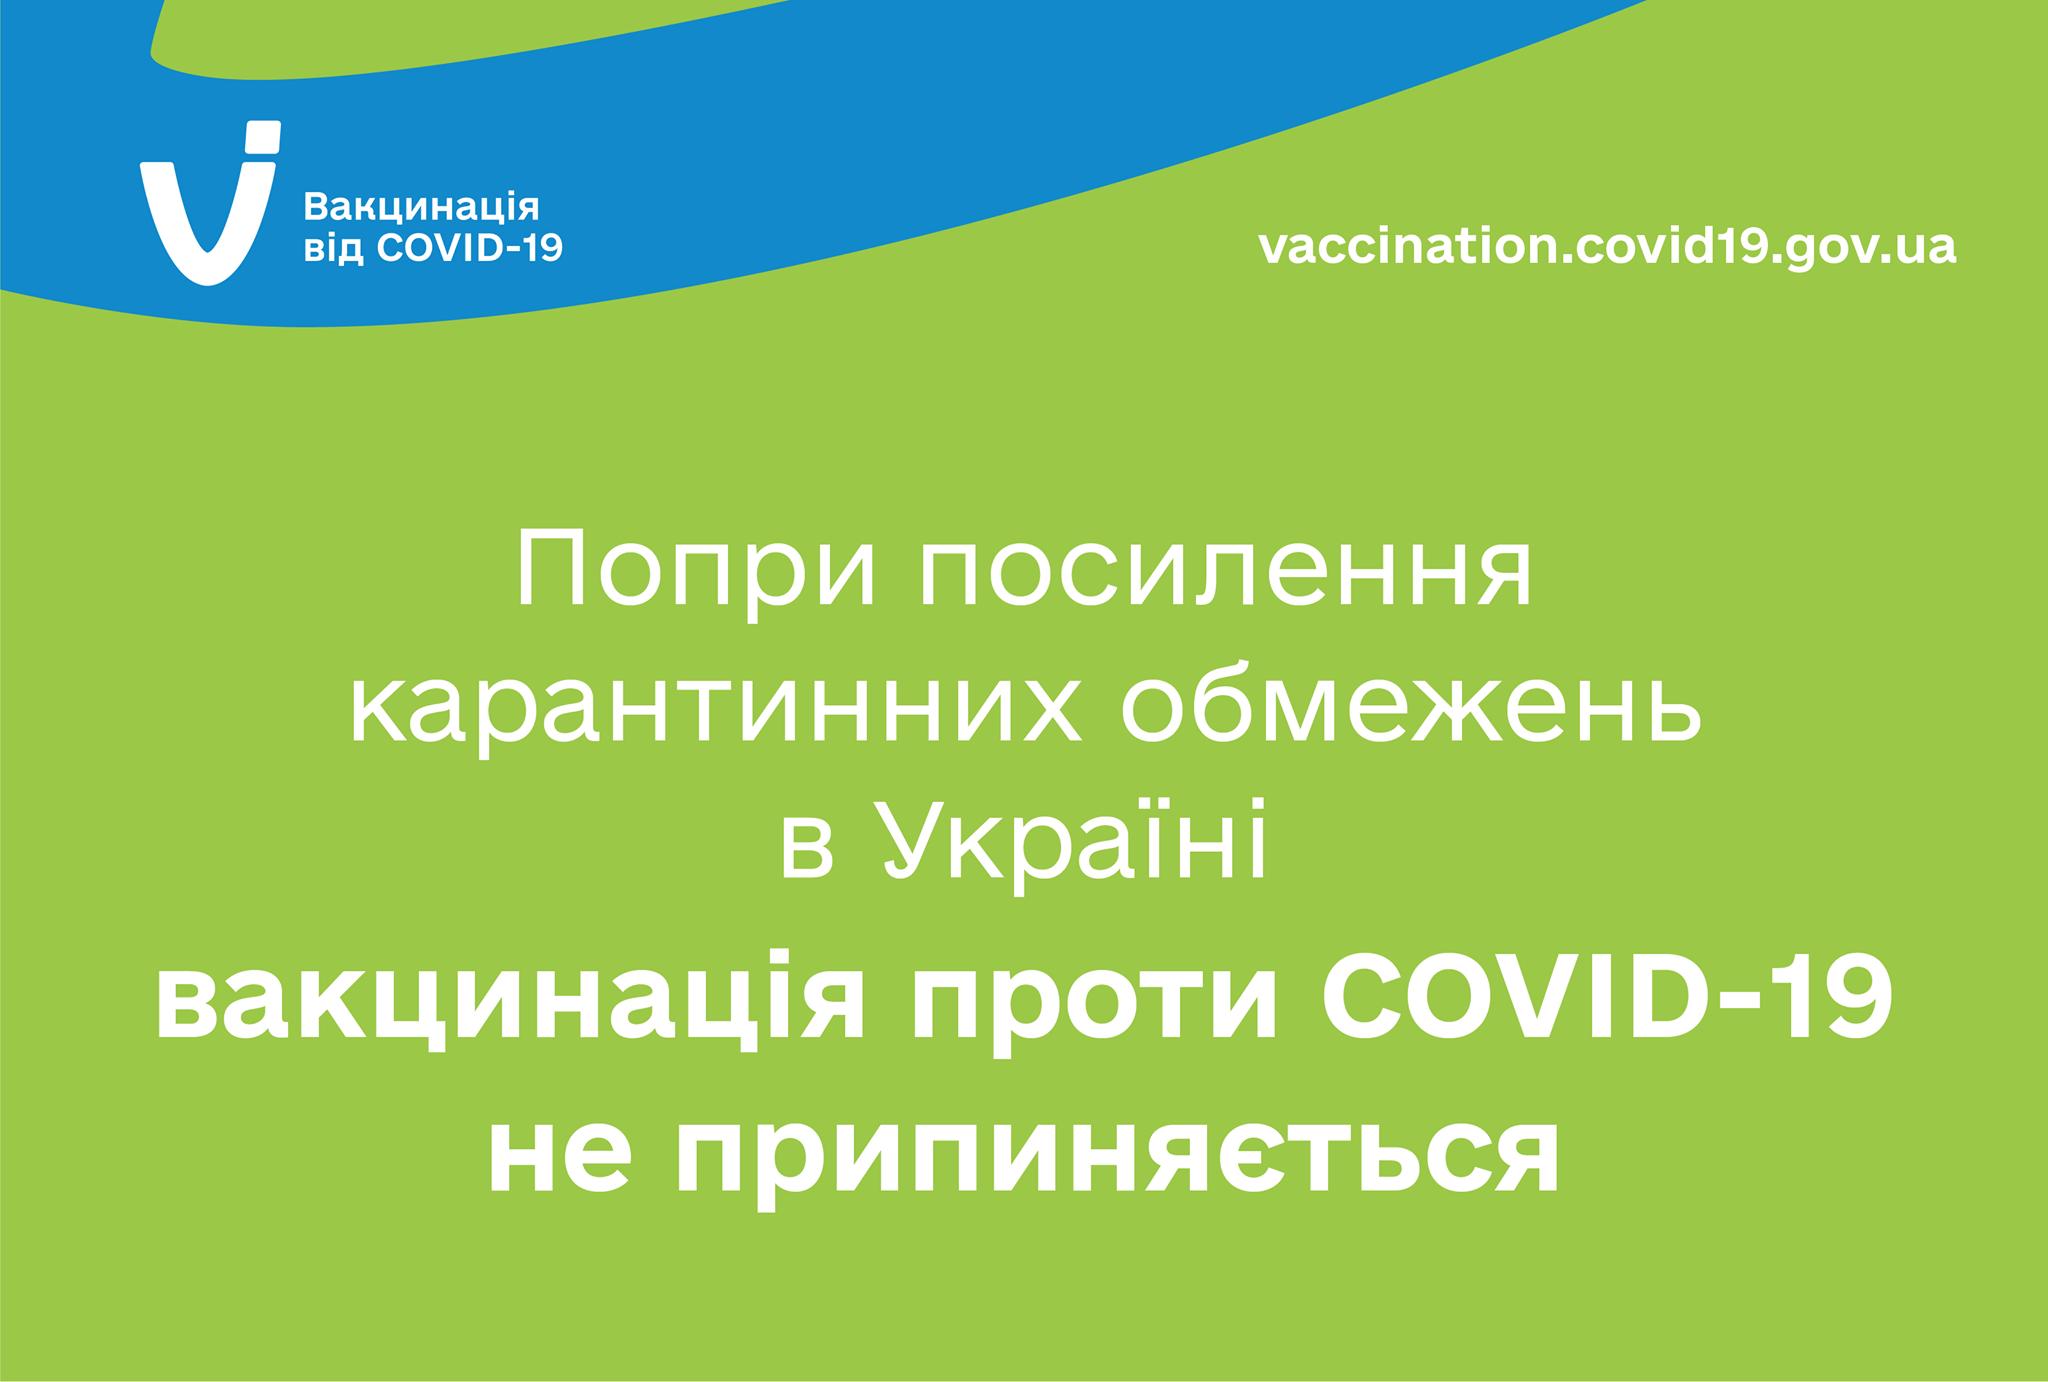 Попри посилення карантинних обмежень в деяких областях Україні вакцинація проти COVID-19 не припиняється